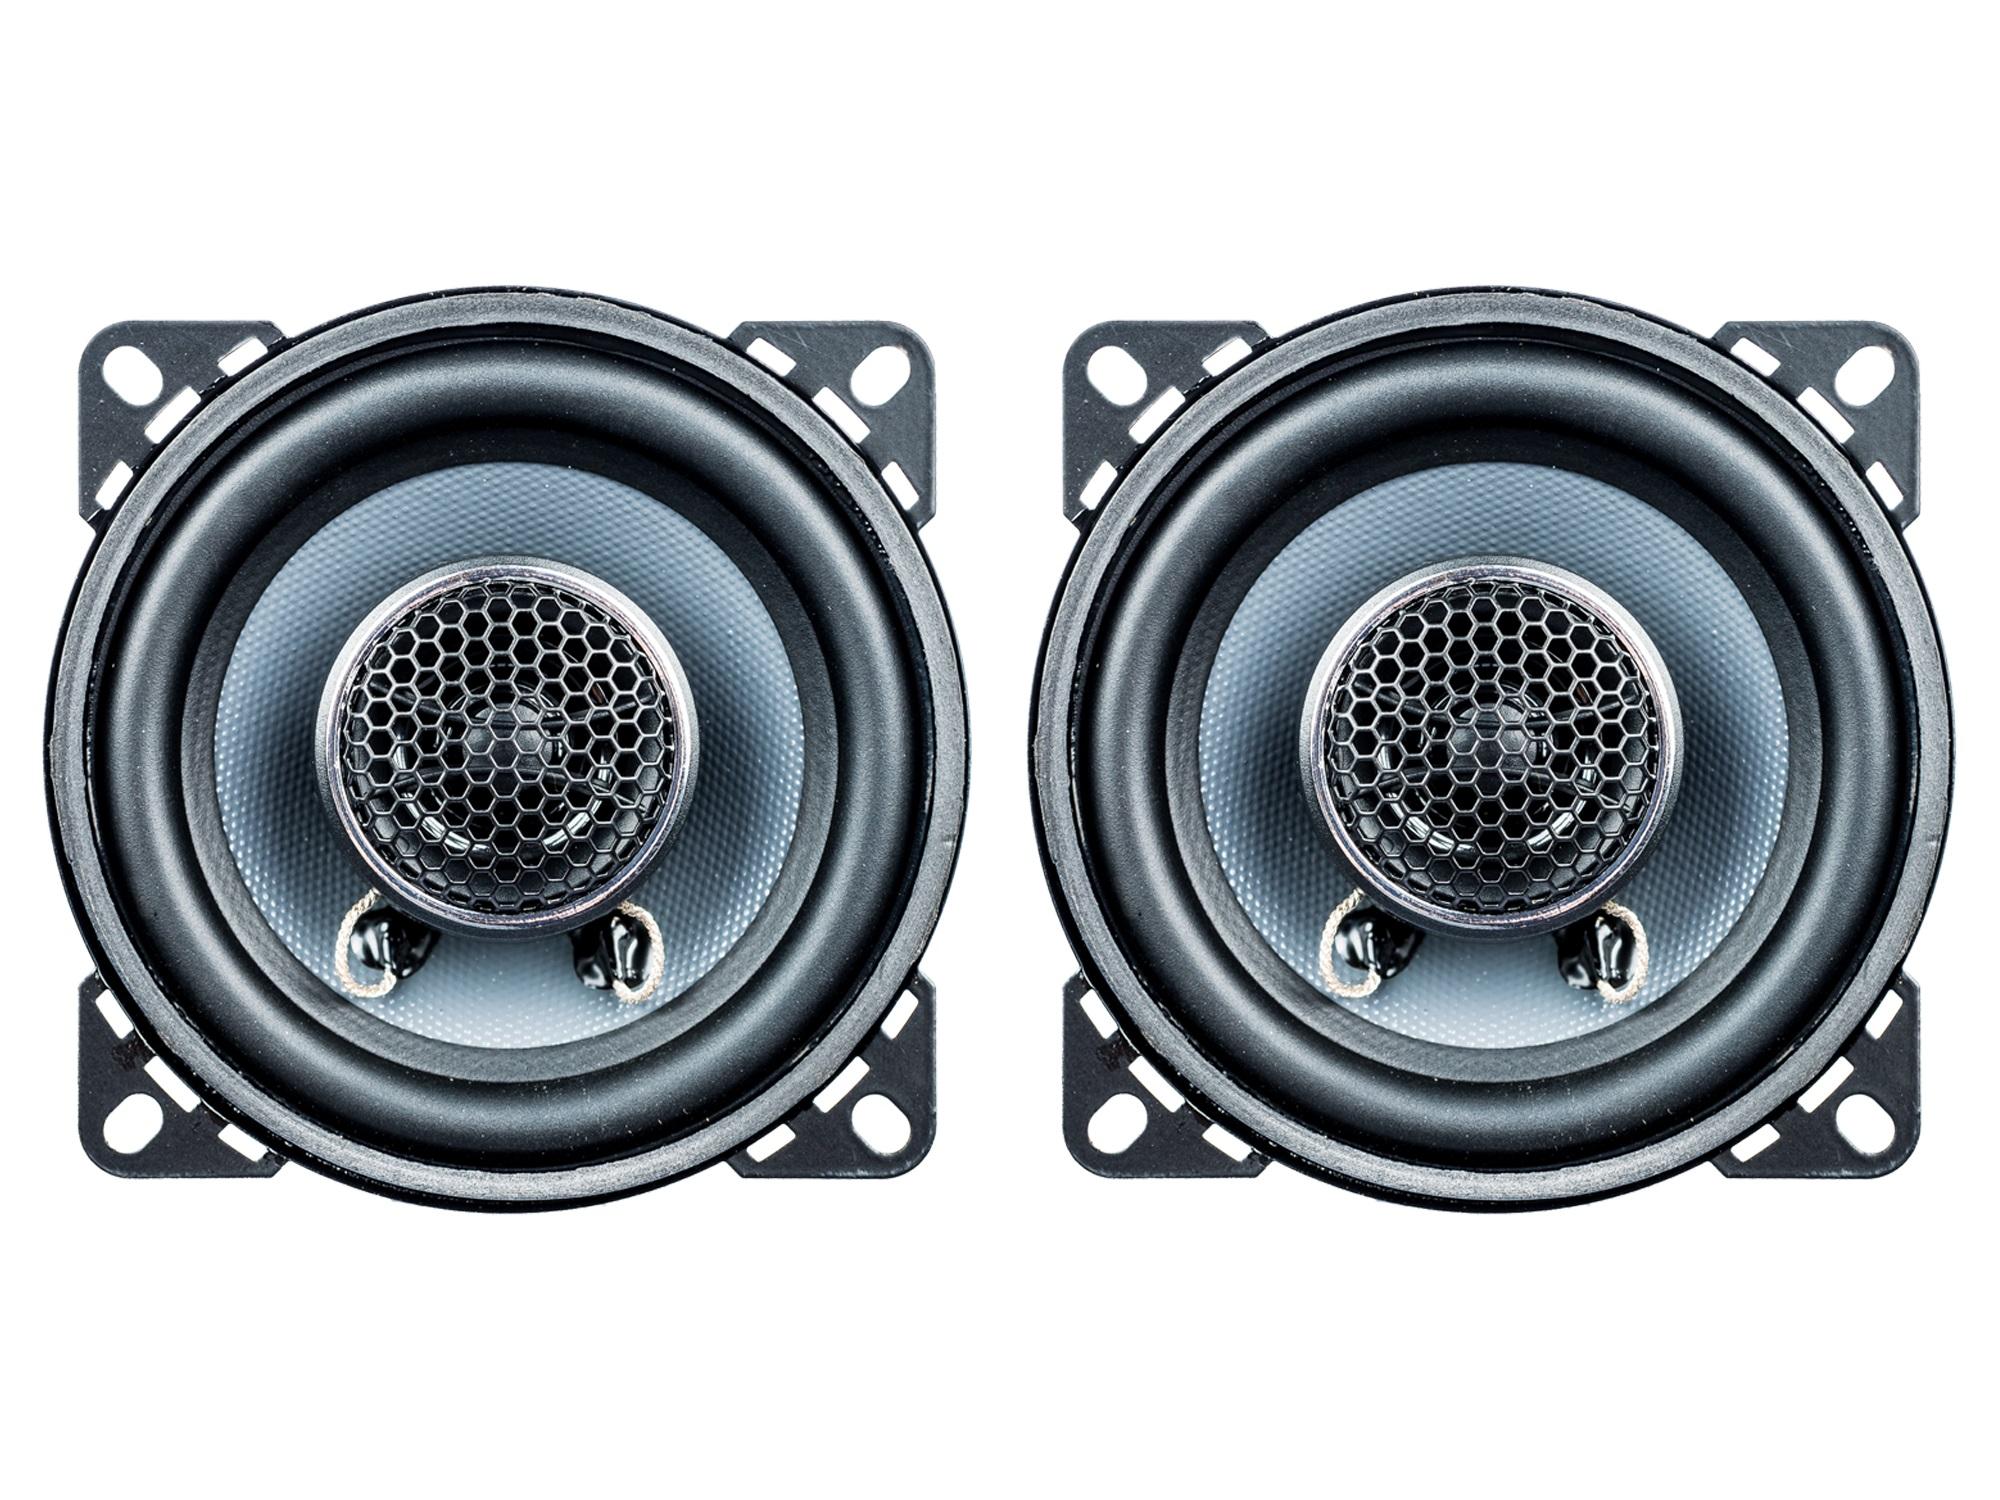 PG Audio EVO III,10.2 2 Wege Coax passend für Audi,BMW,Porsche, Seat,Skoda,VW